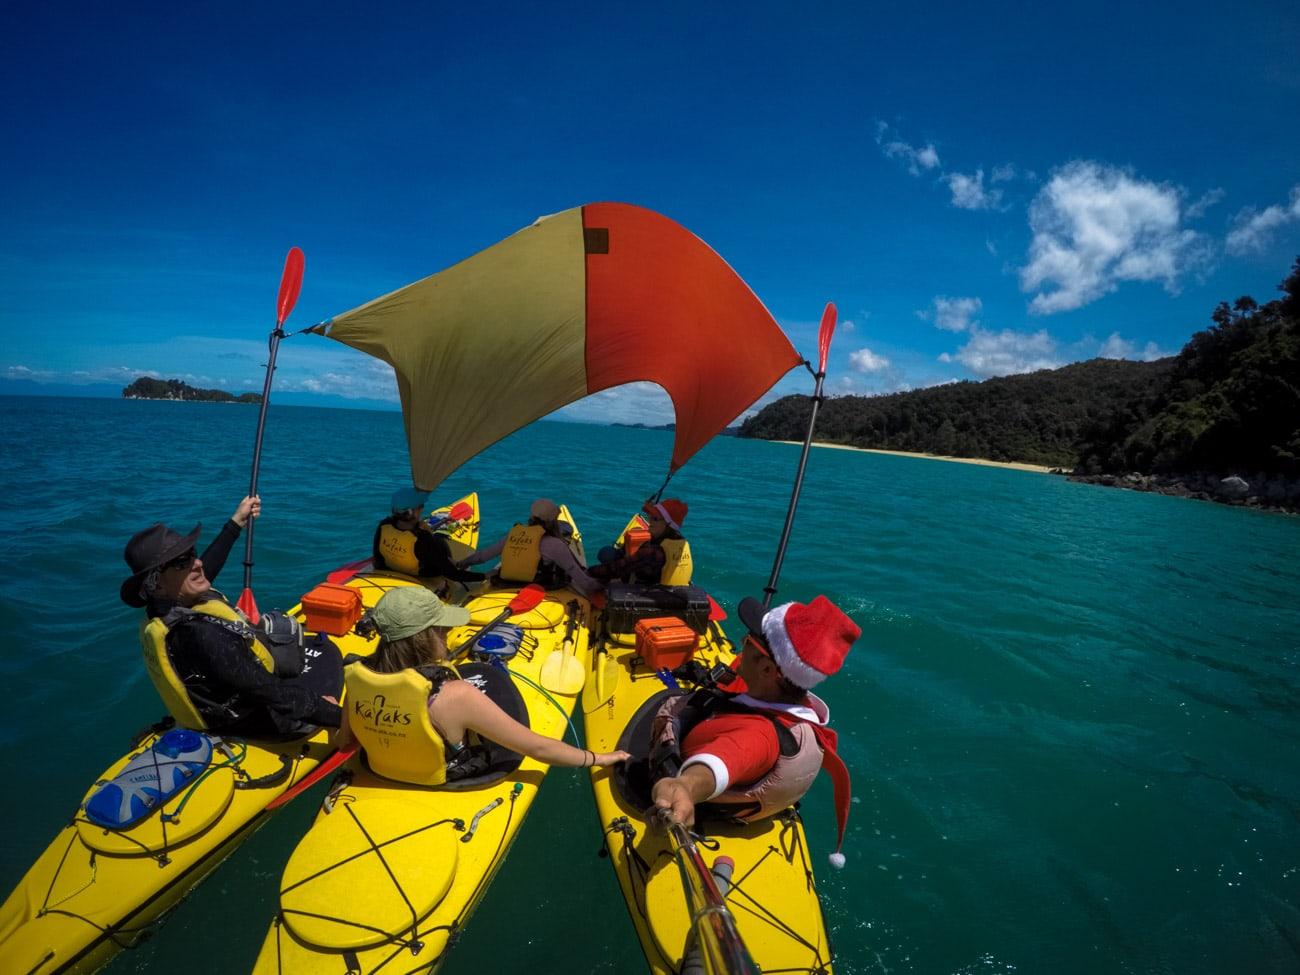 kayak-sailing in Abel Tasman National Park